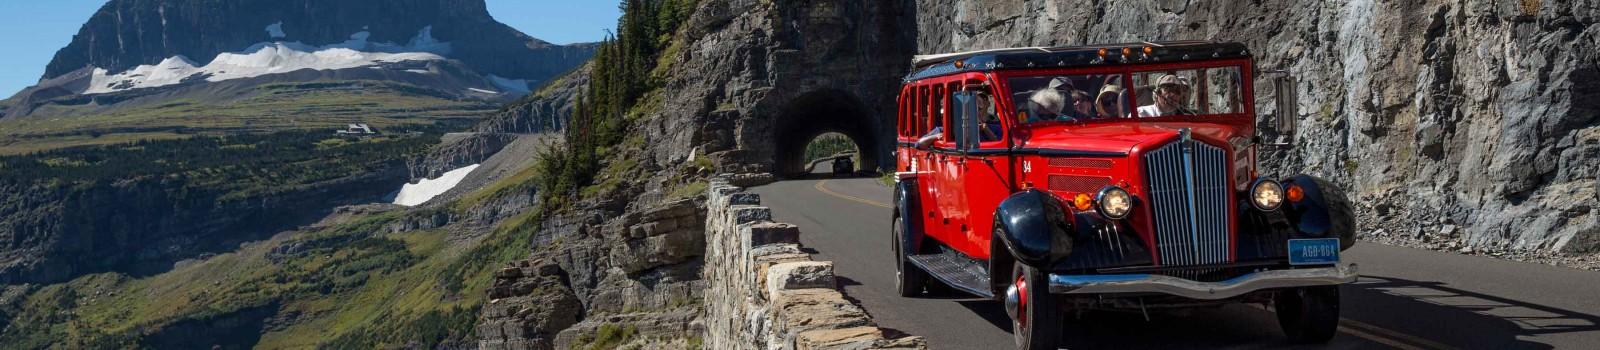 Glacier Park Tours